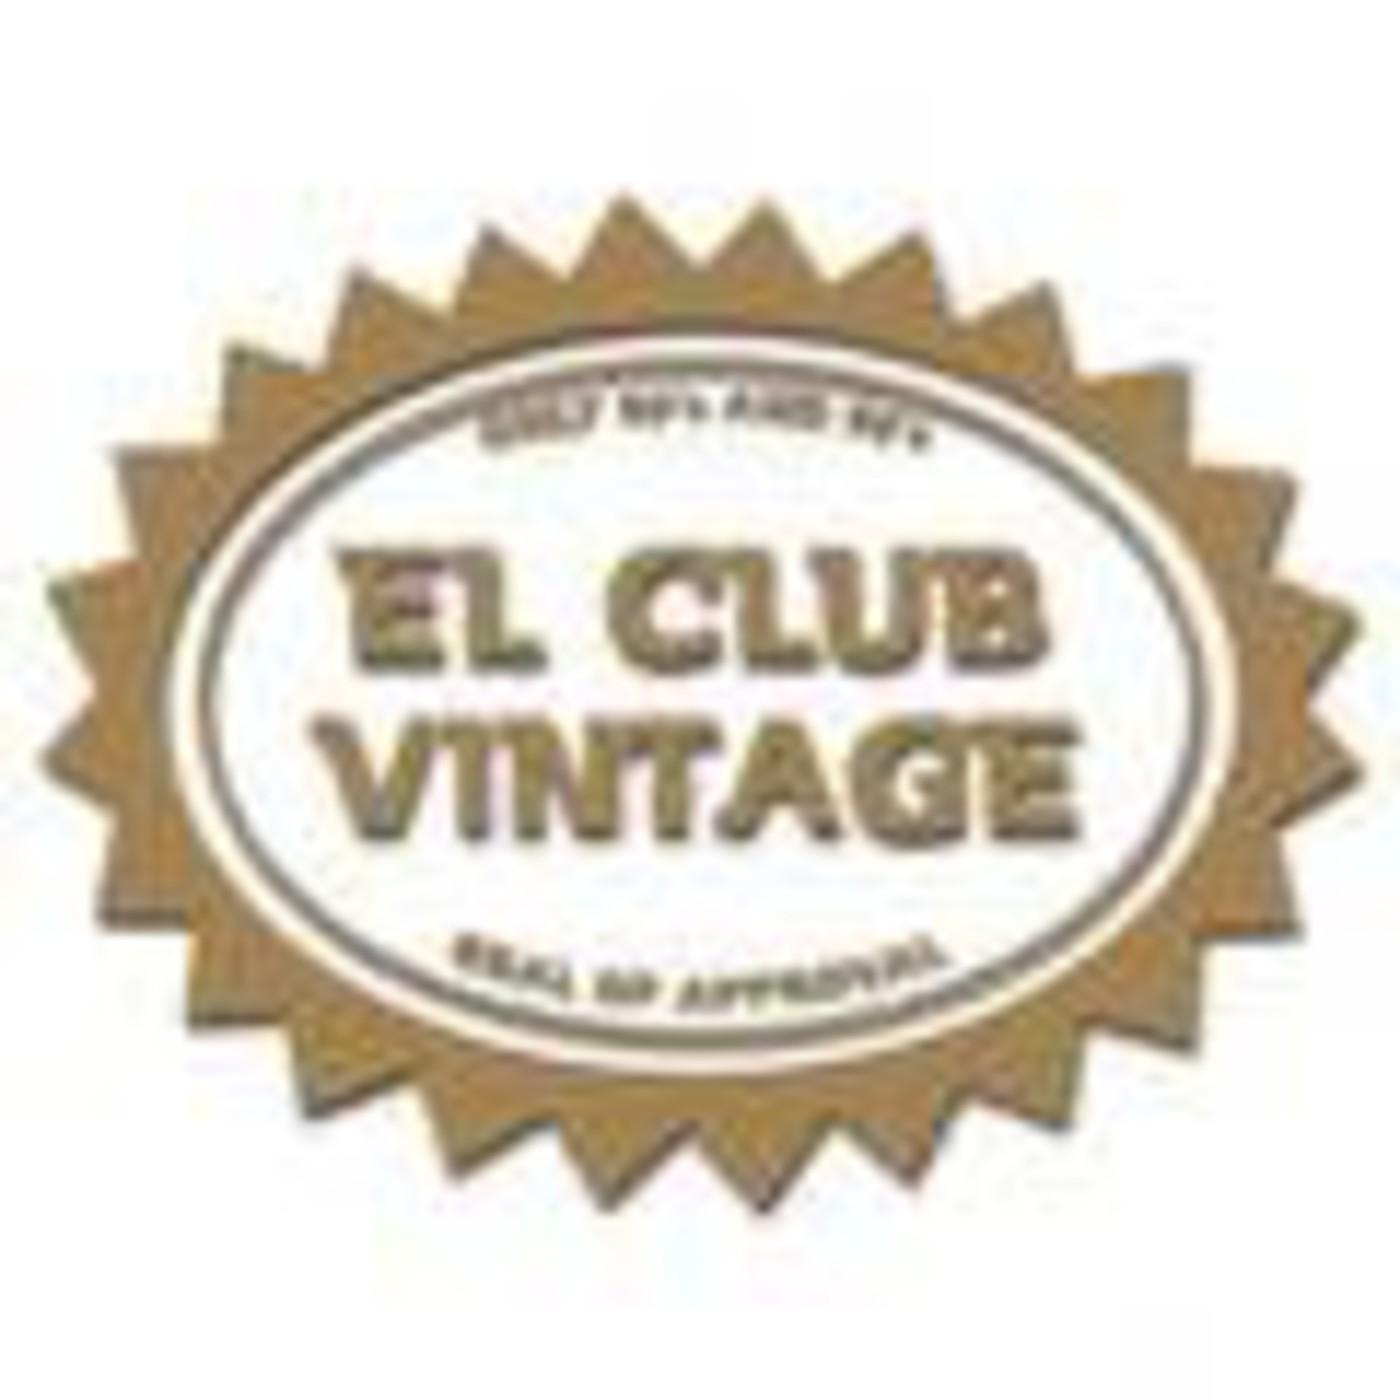 El Club Vintage